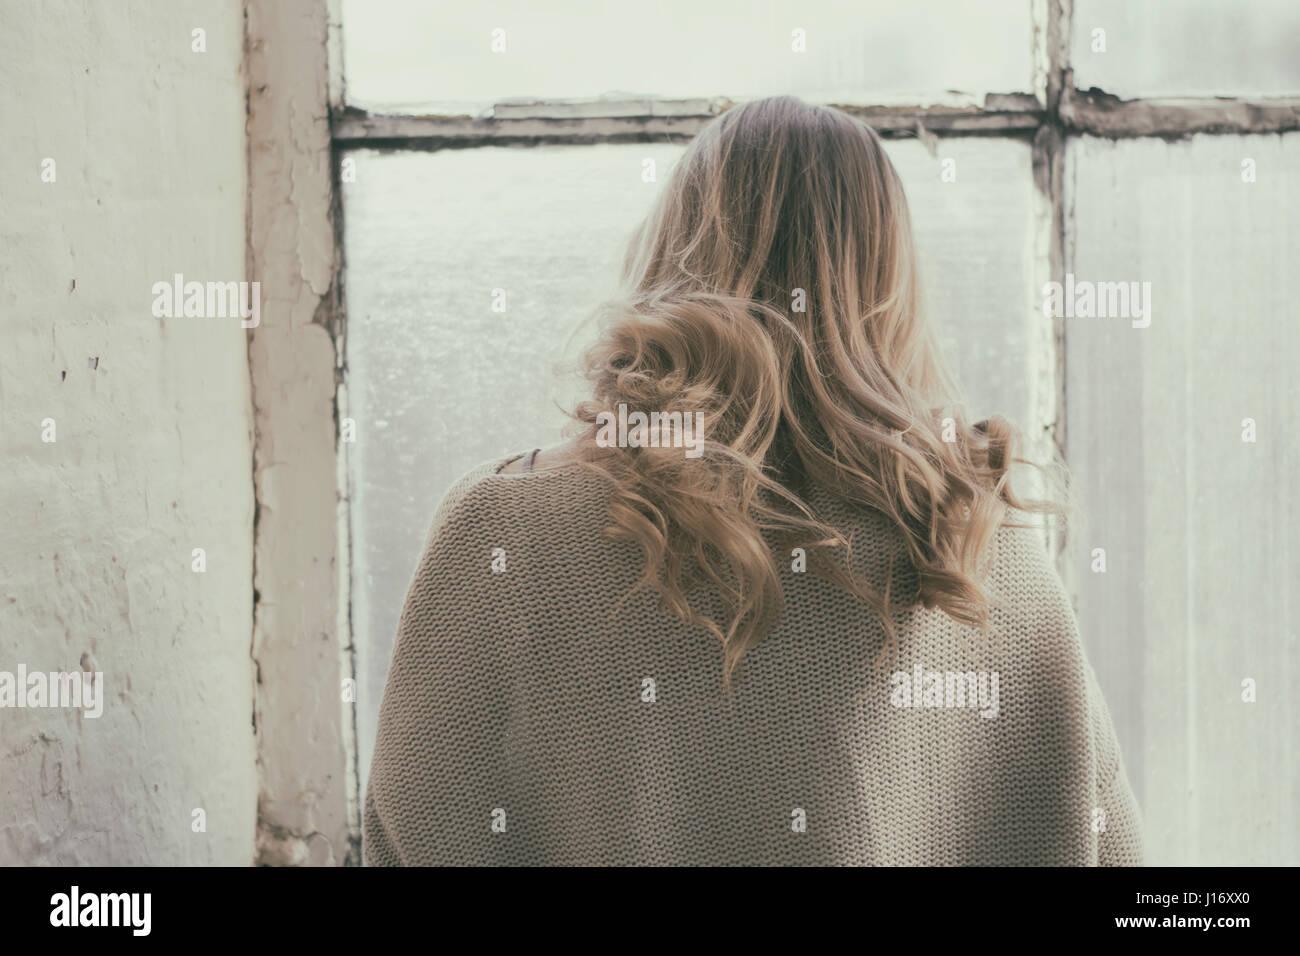 Rückansicht einer blonden Frau am Fenster stehend Stockbild